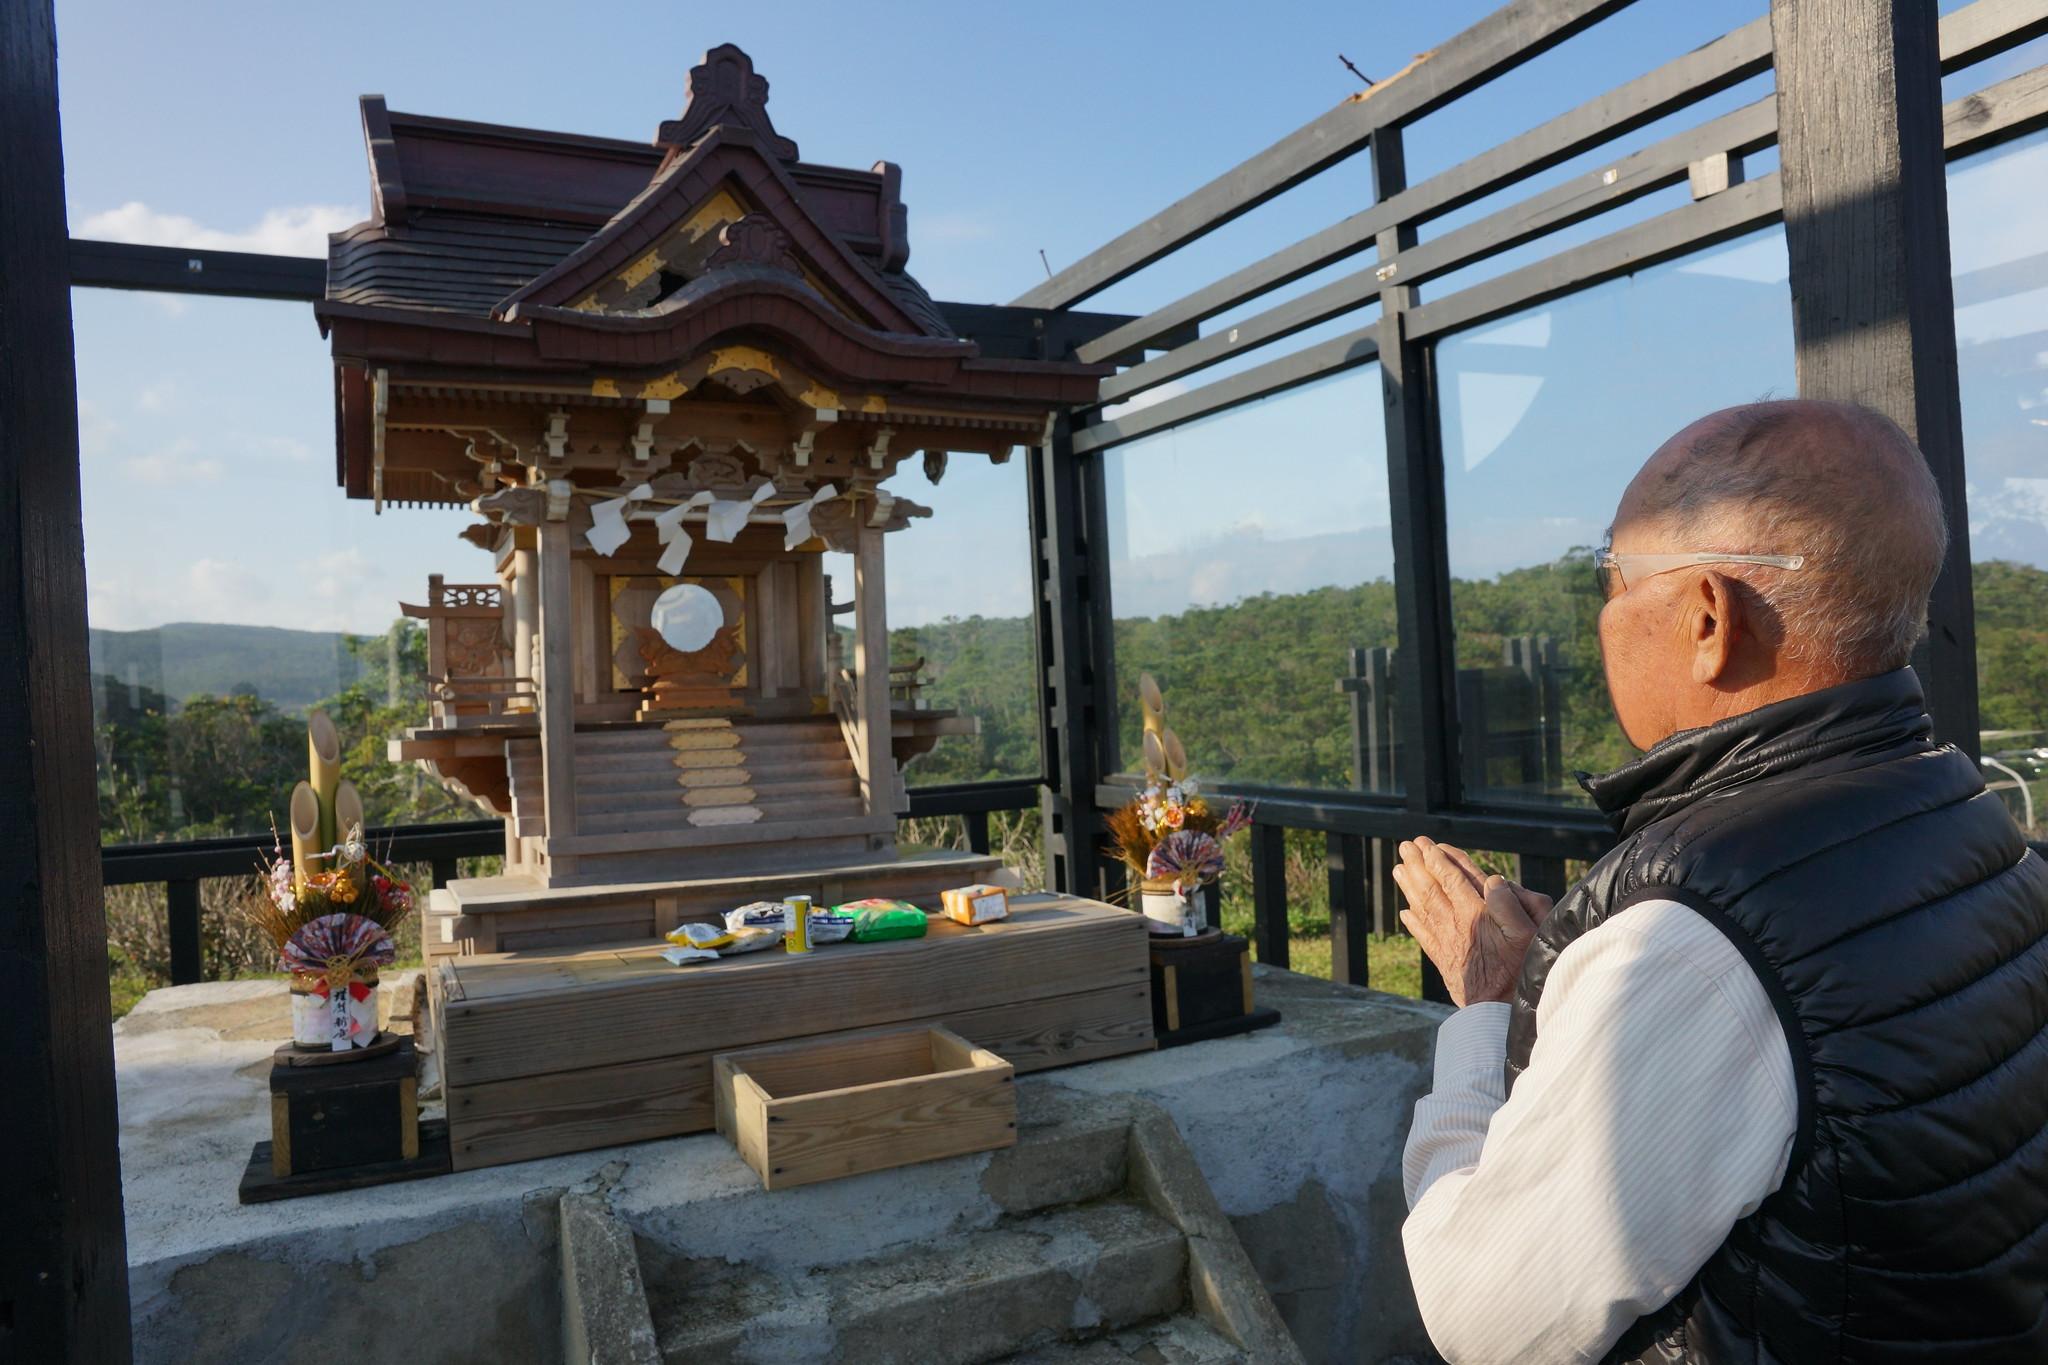 訪談結束前,耆老陳清福雙手合十向神社替記者祈福。(攝影:王顥中)